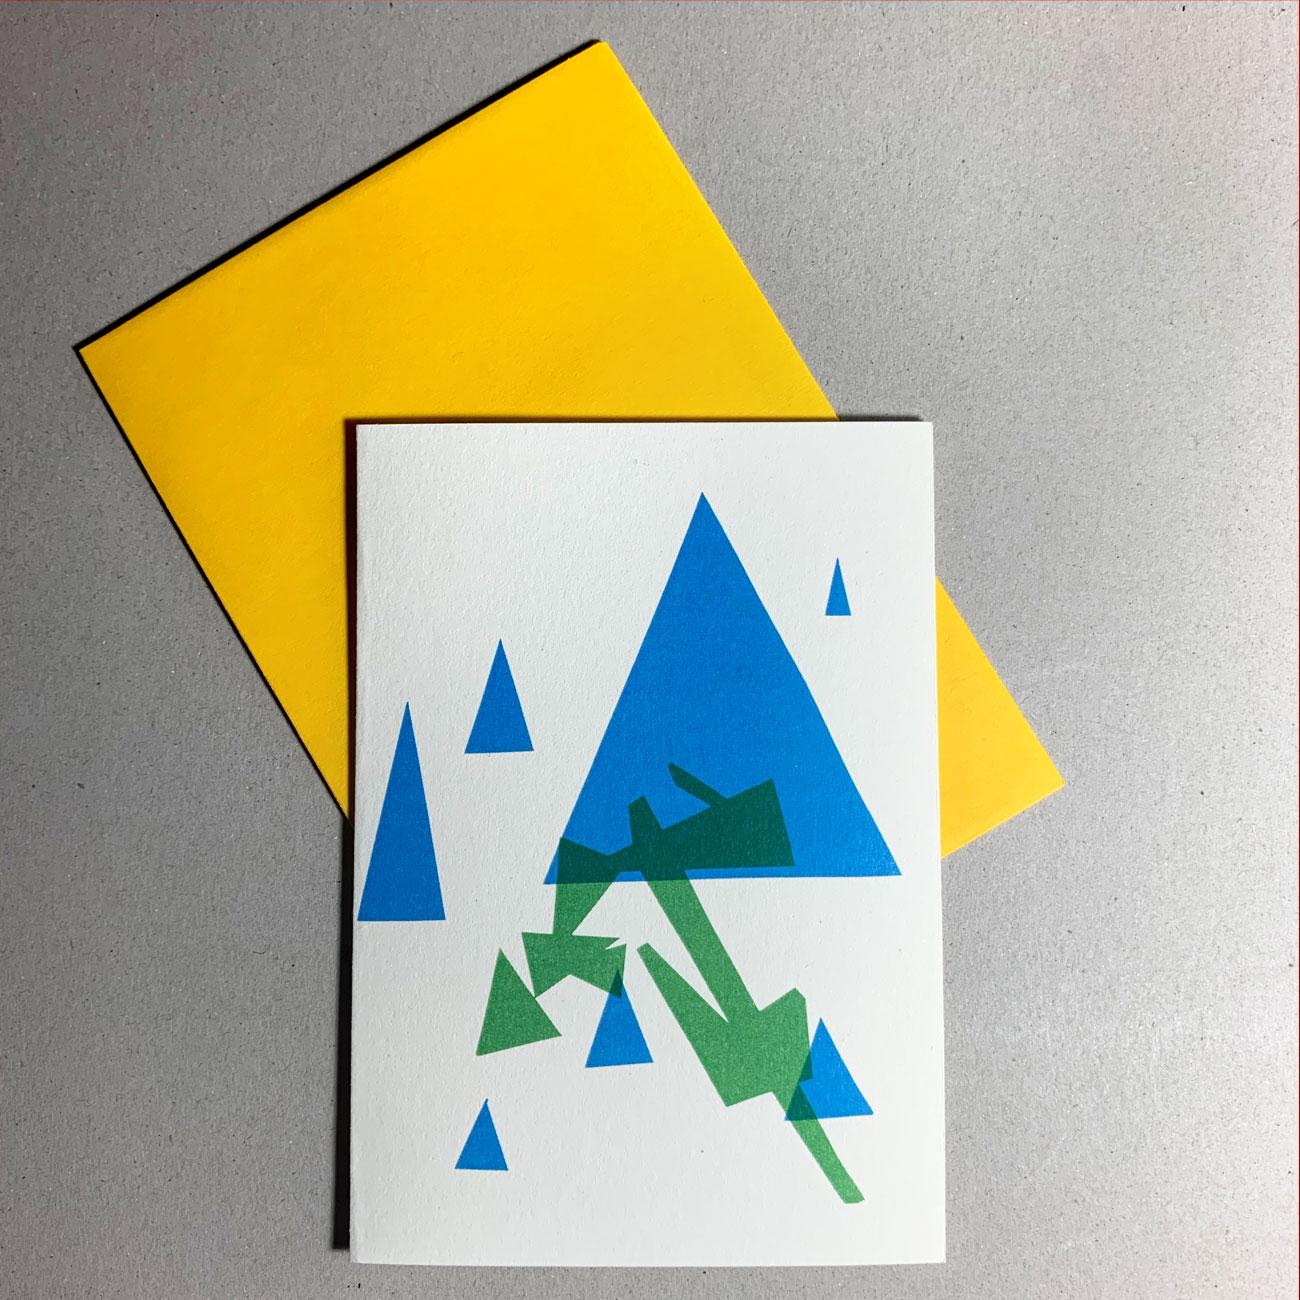 Klappkarte grafischer Baum, blaues Dreieck, grüne Grafiken, gelbes Kuvert